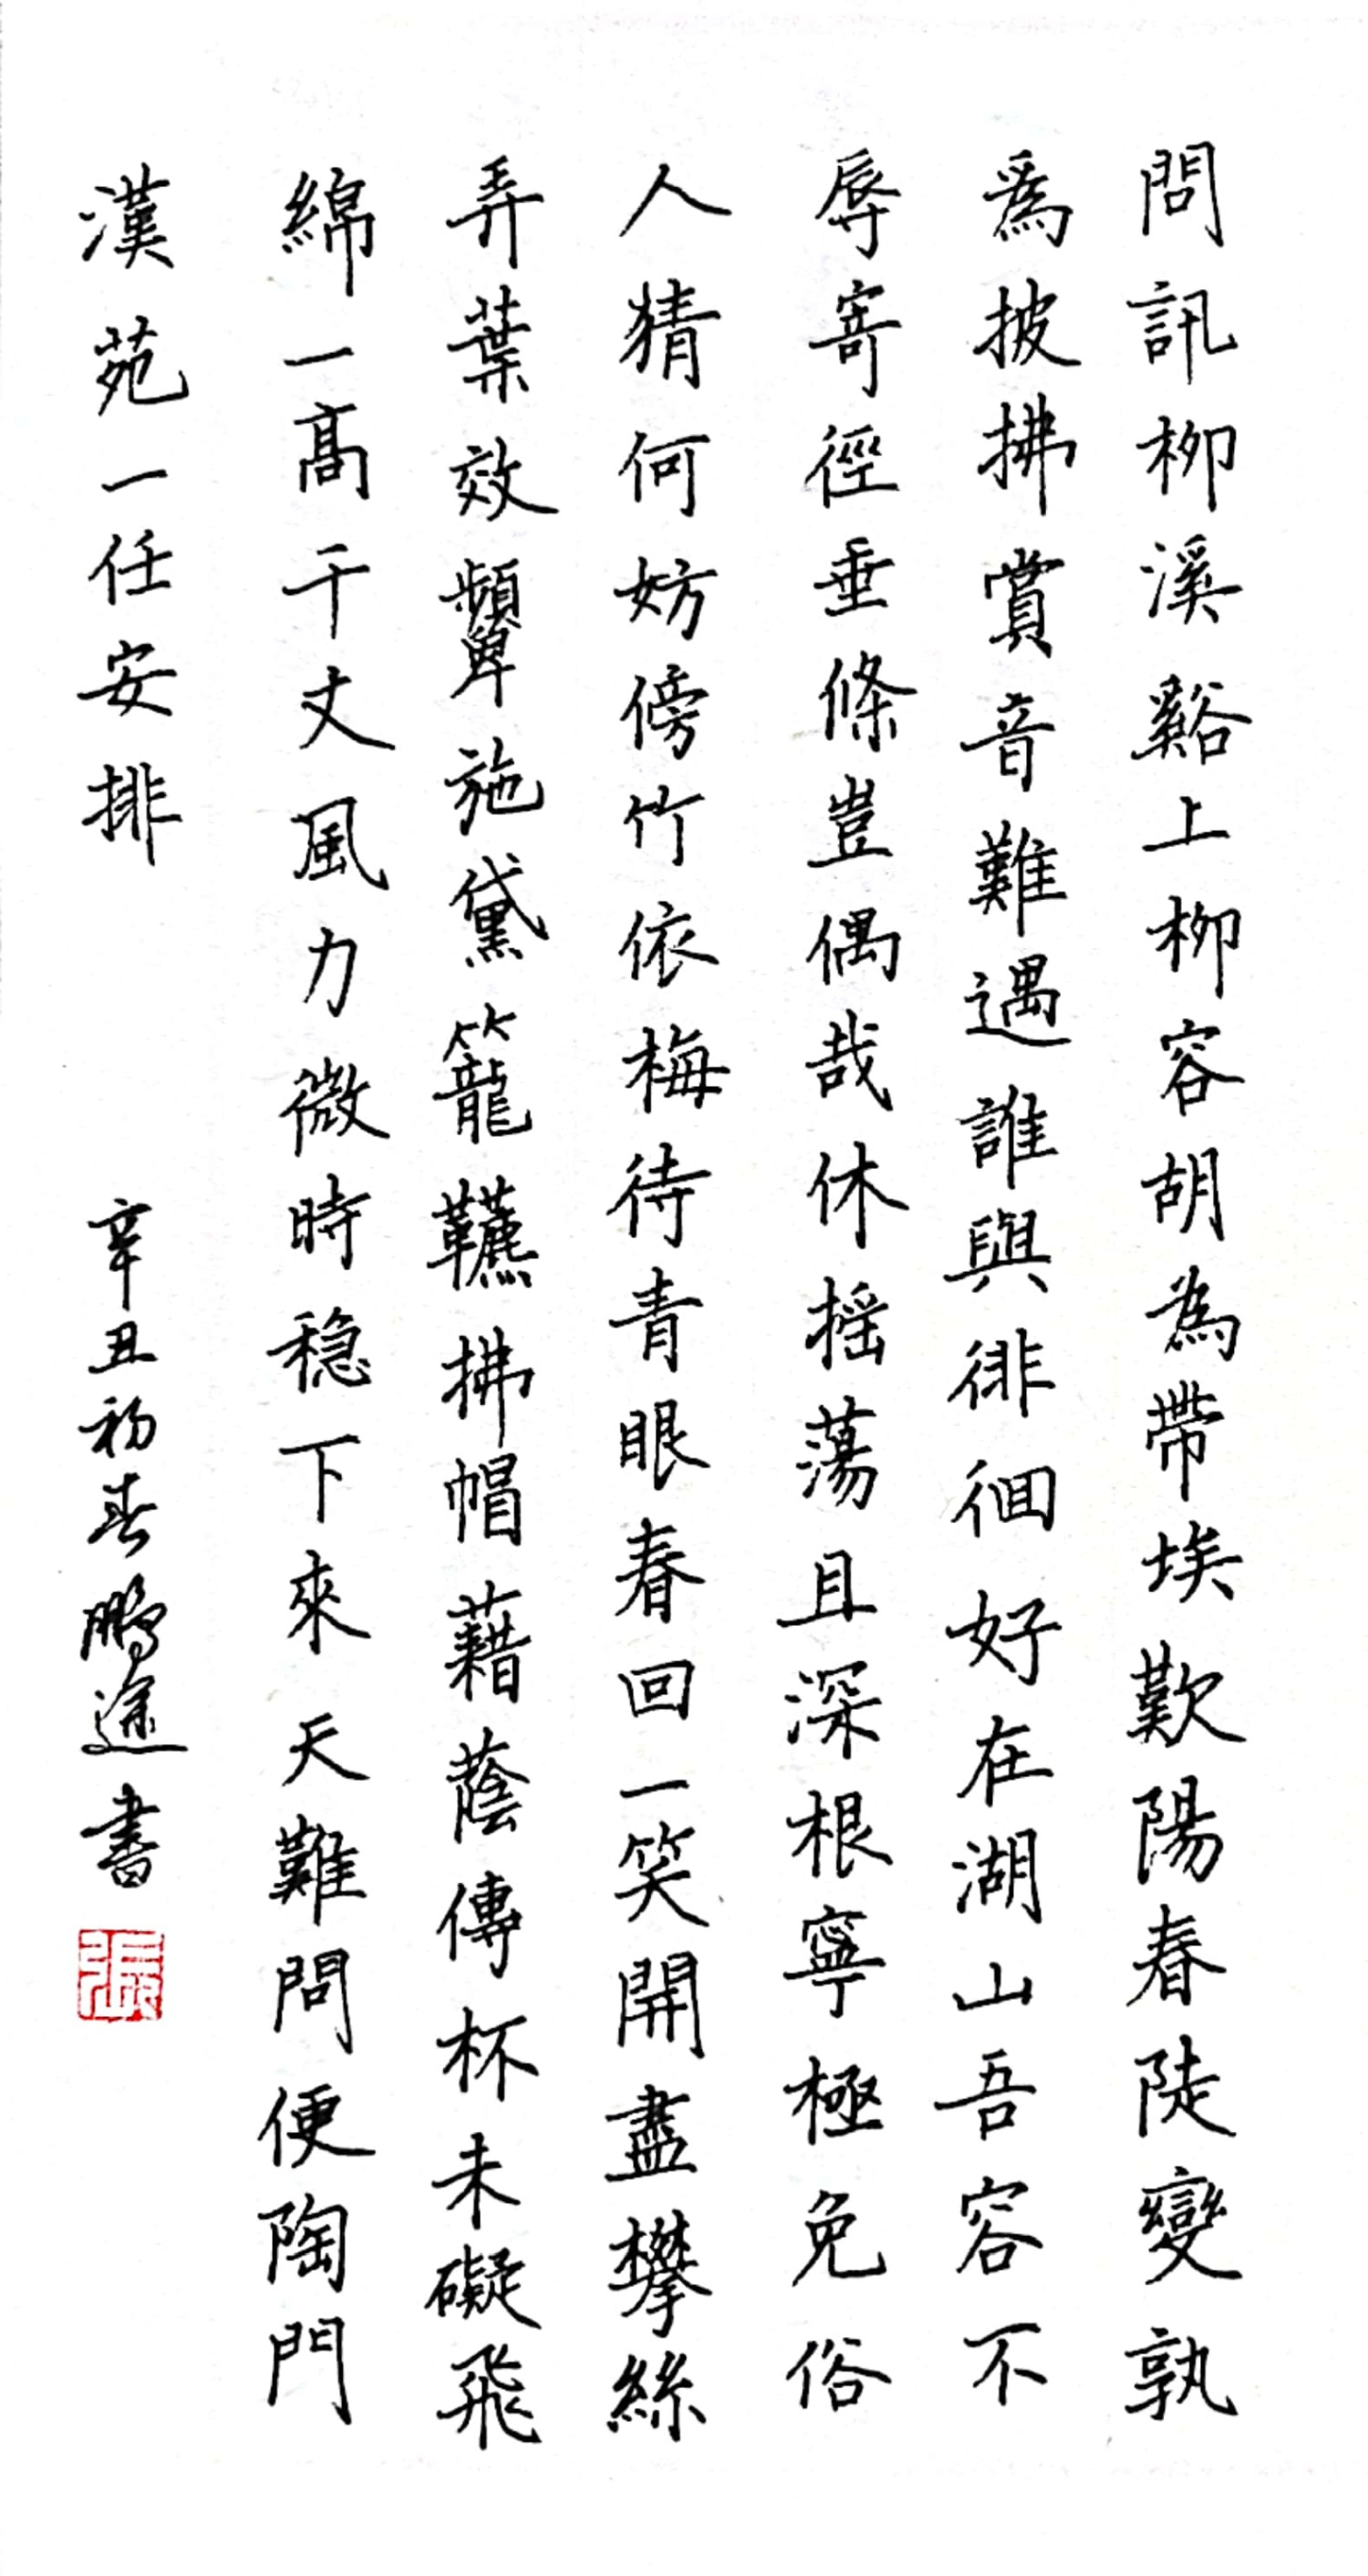 钢笔爱好者练字打卡20210302-14